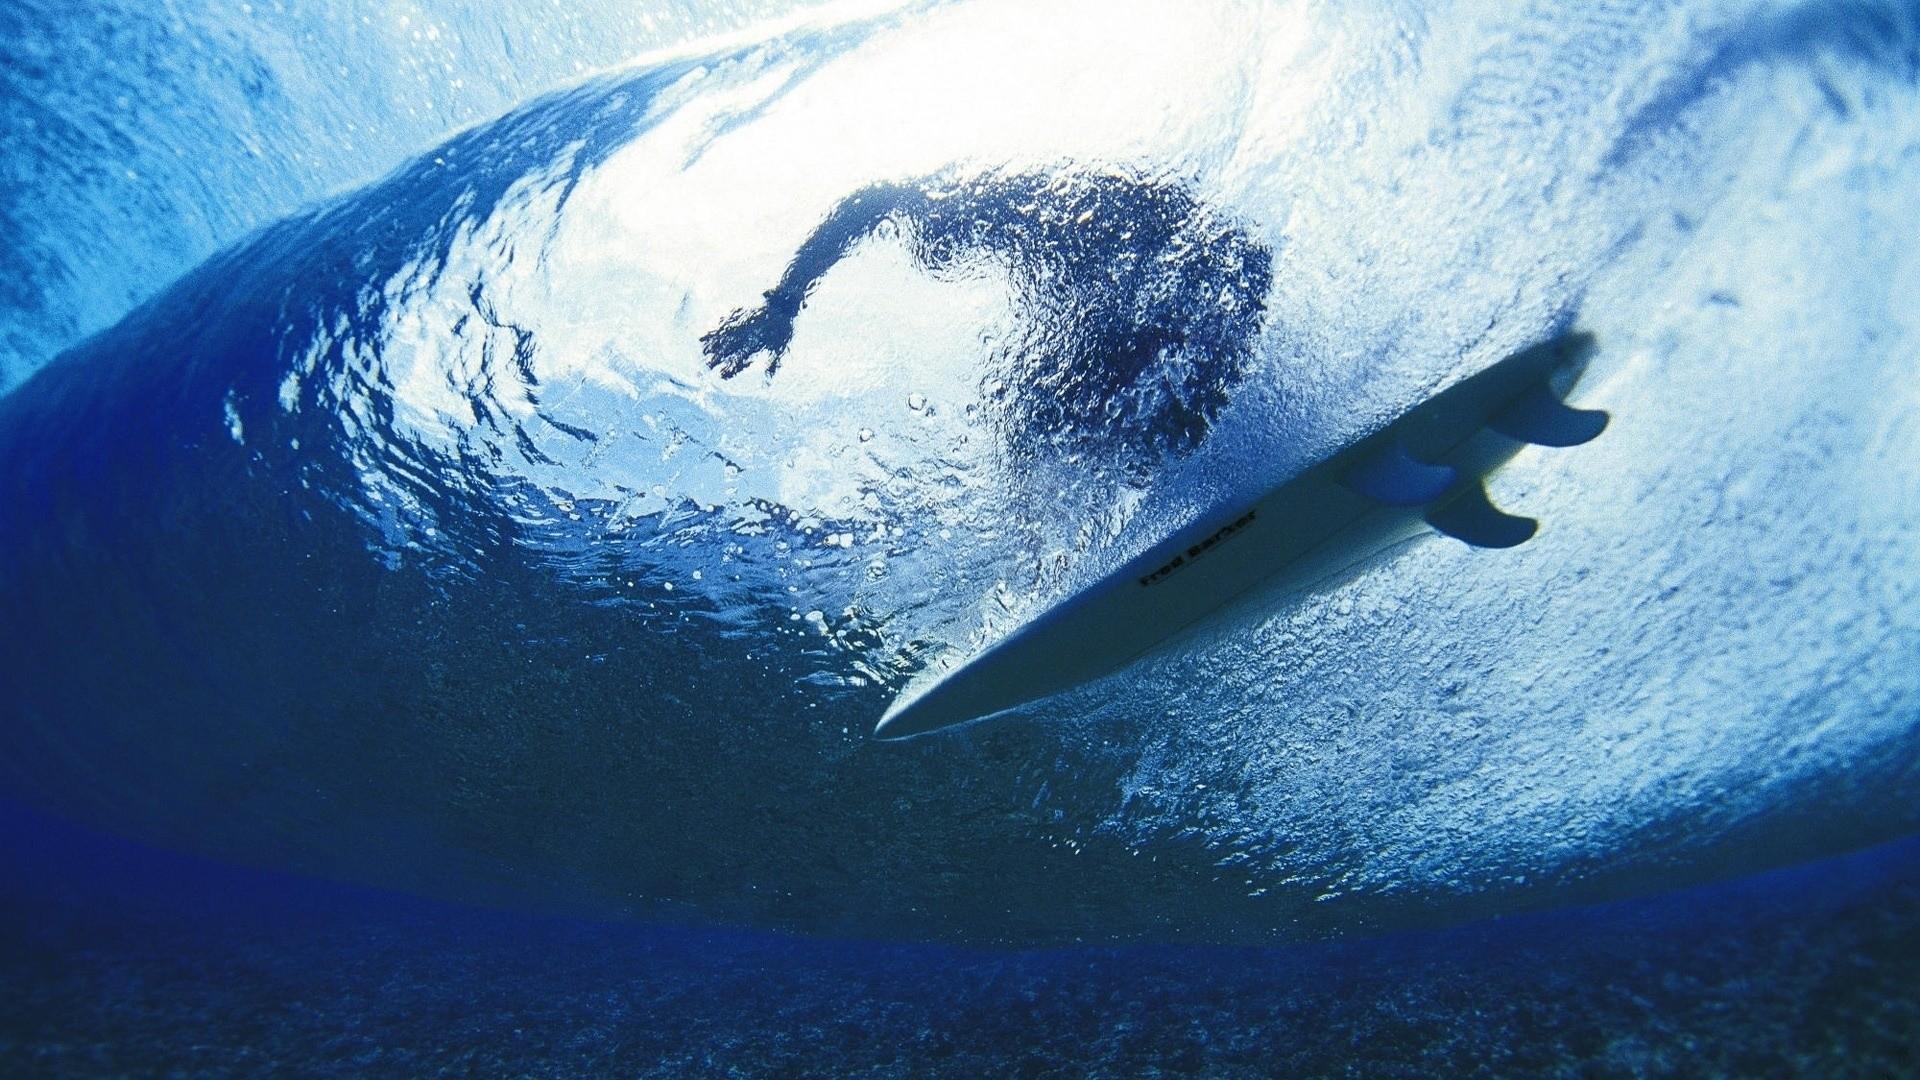 1920x1200 Girl Surfing Wallpaper Jpg